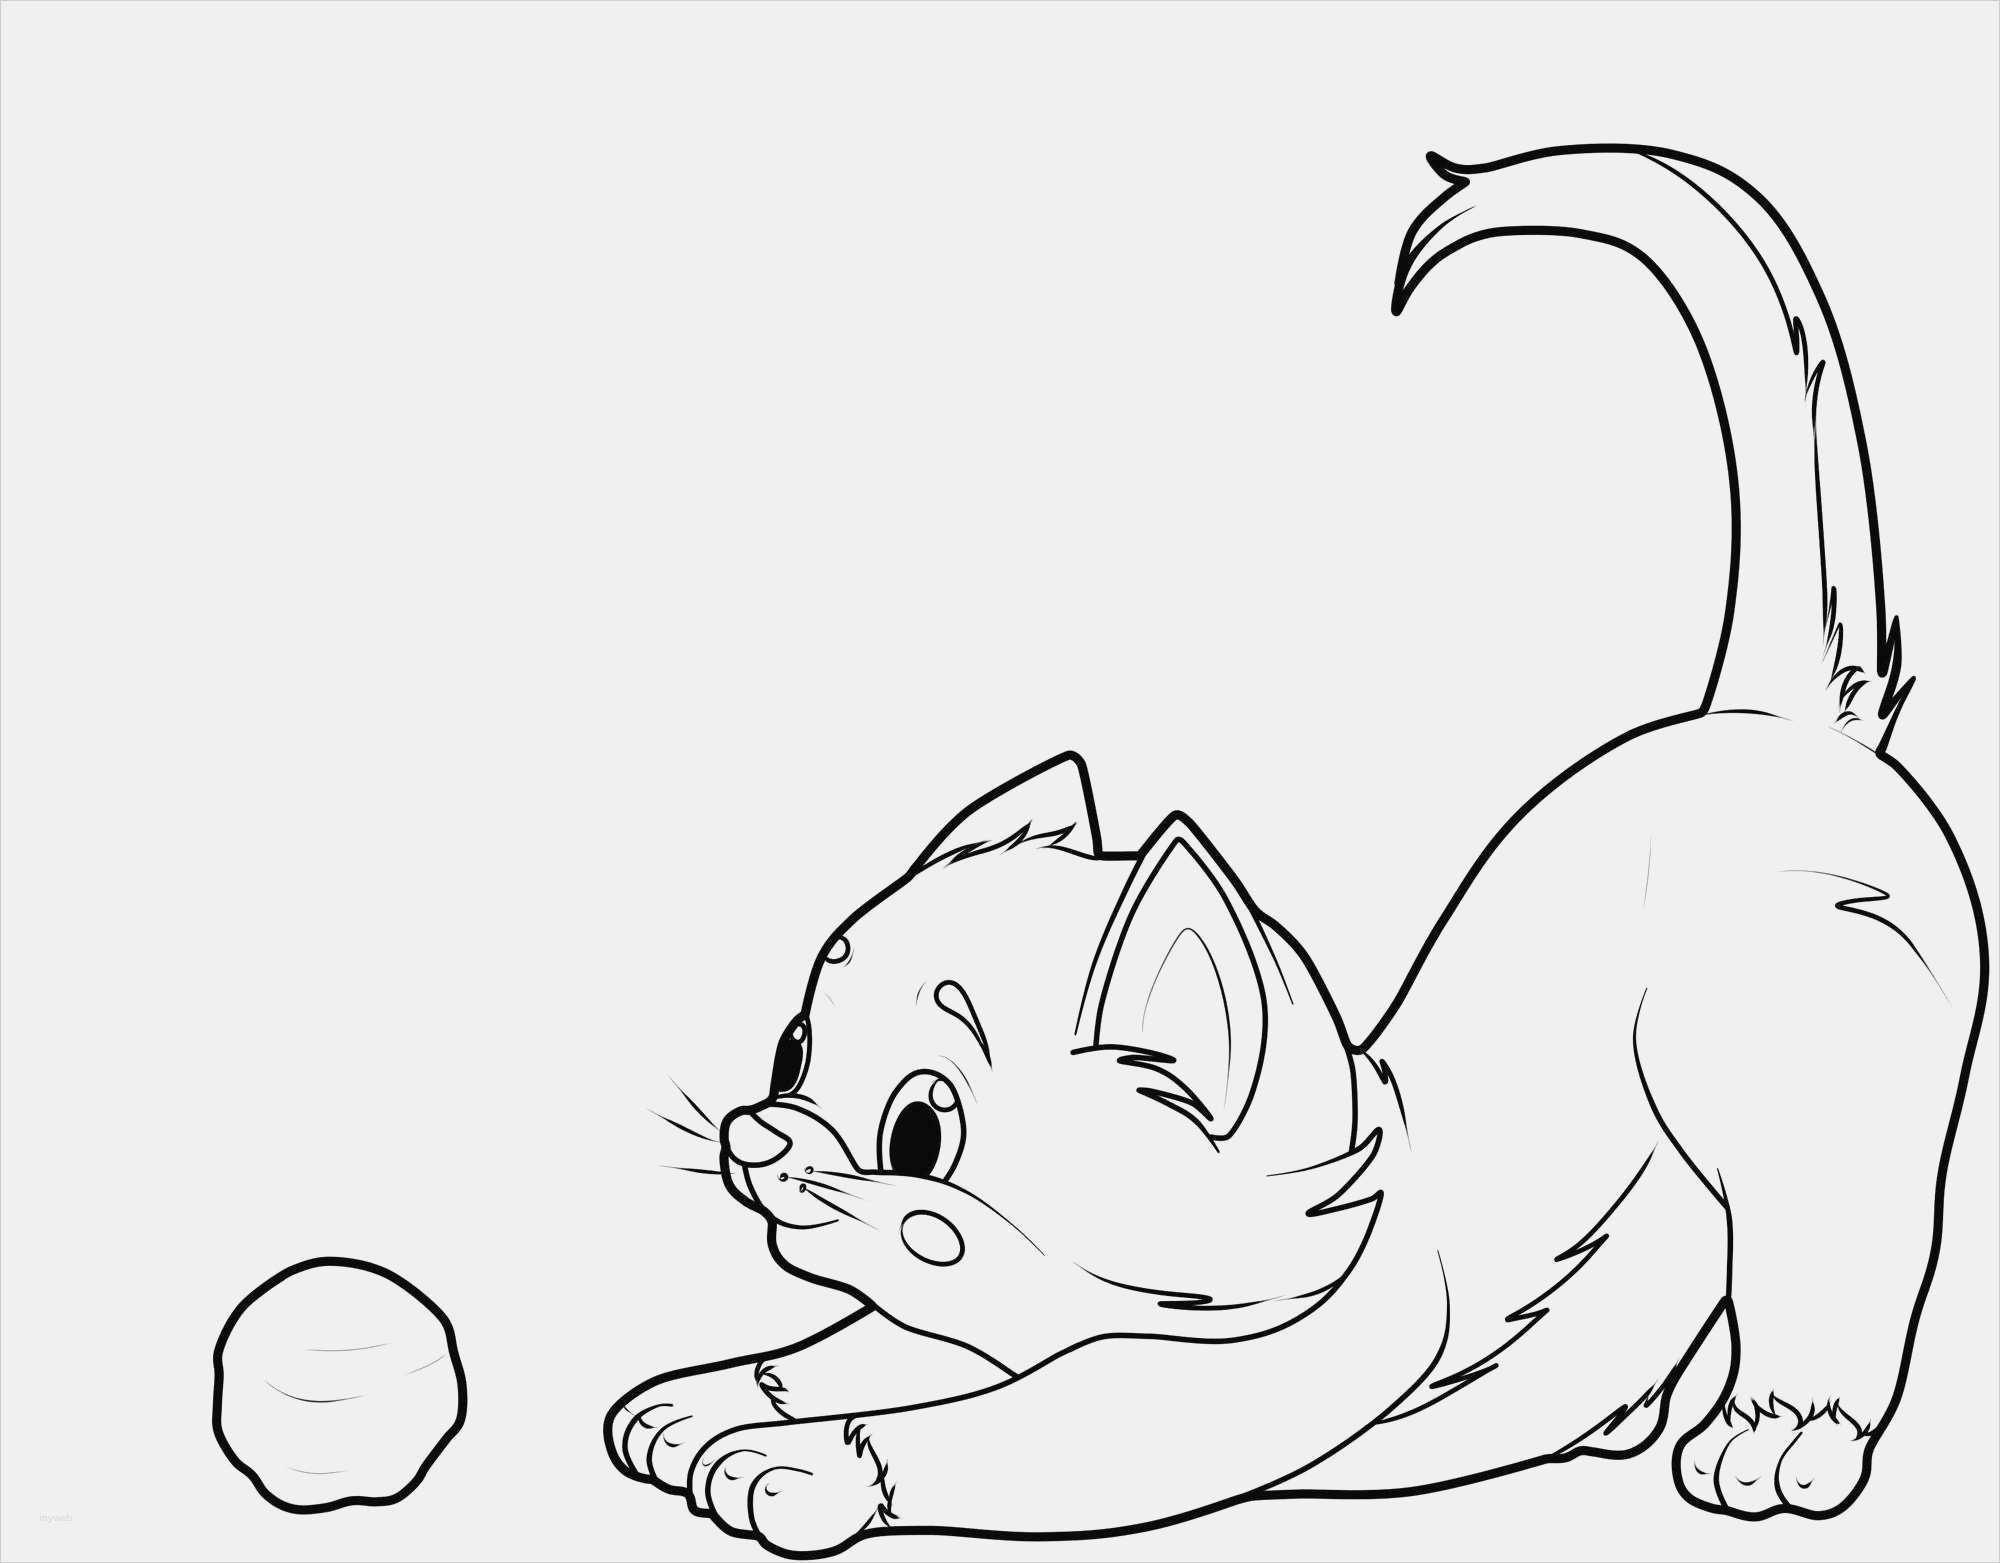 Katzen Malen Vorlagen Wunderbar Kostenlose Malvorlage Katzen Katze Ausmalbilder Katzen Ausmalbilder Tiere Malvorlage Katze